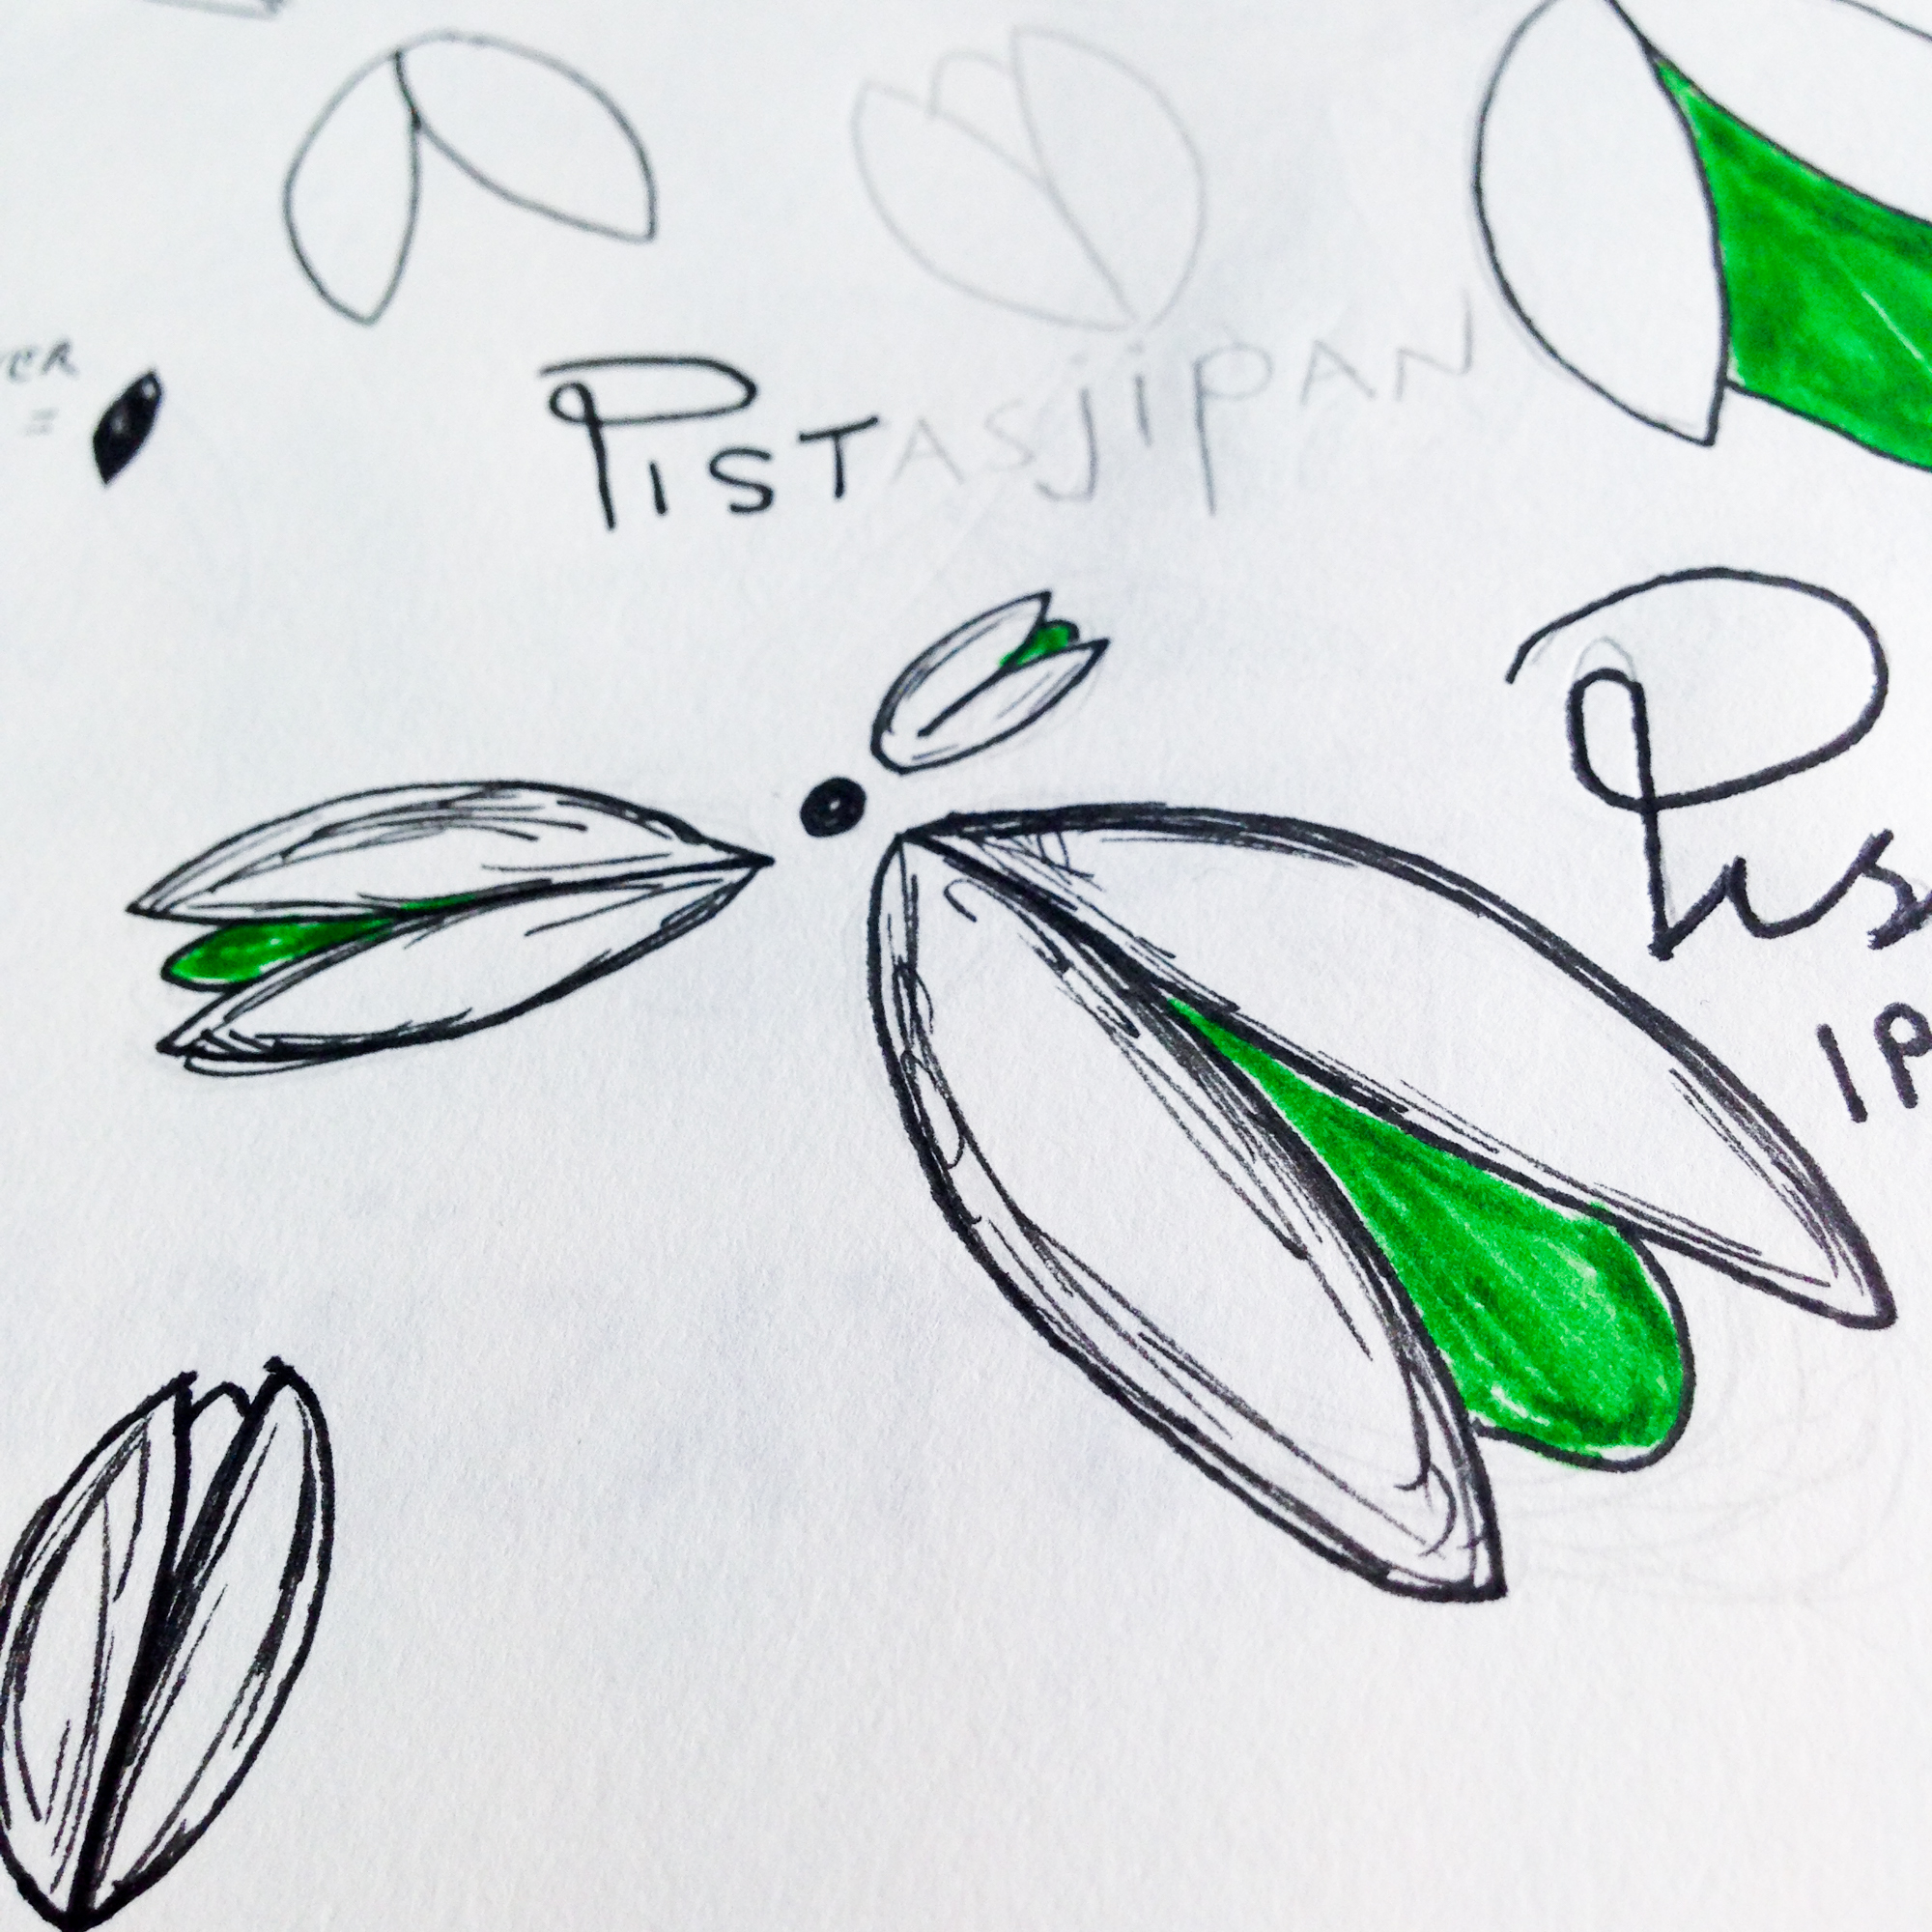 Skisser og foto oppdatering portfolio 2015-39.JPG